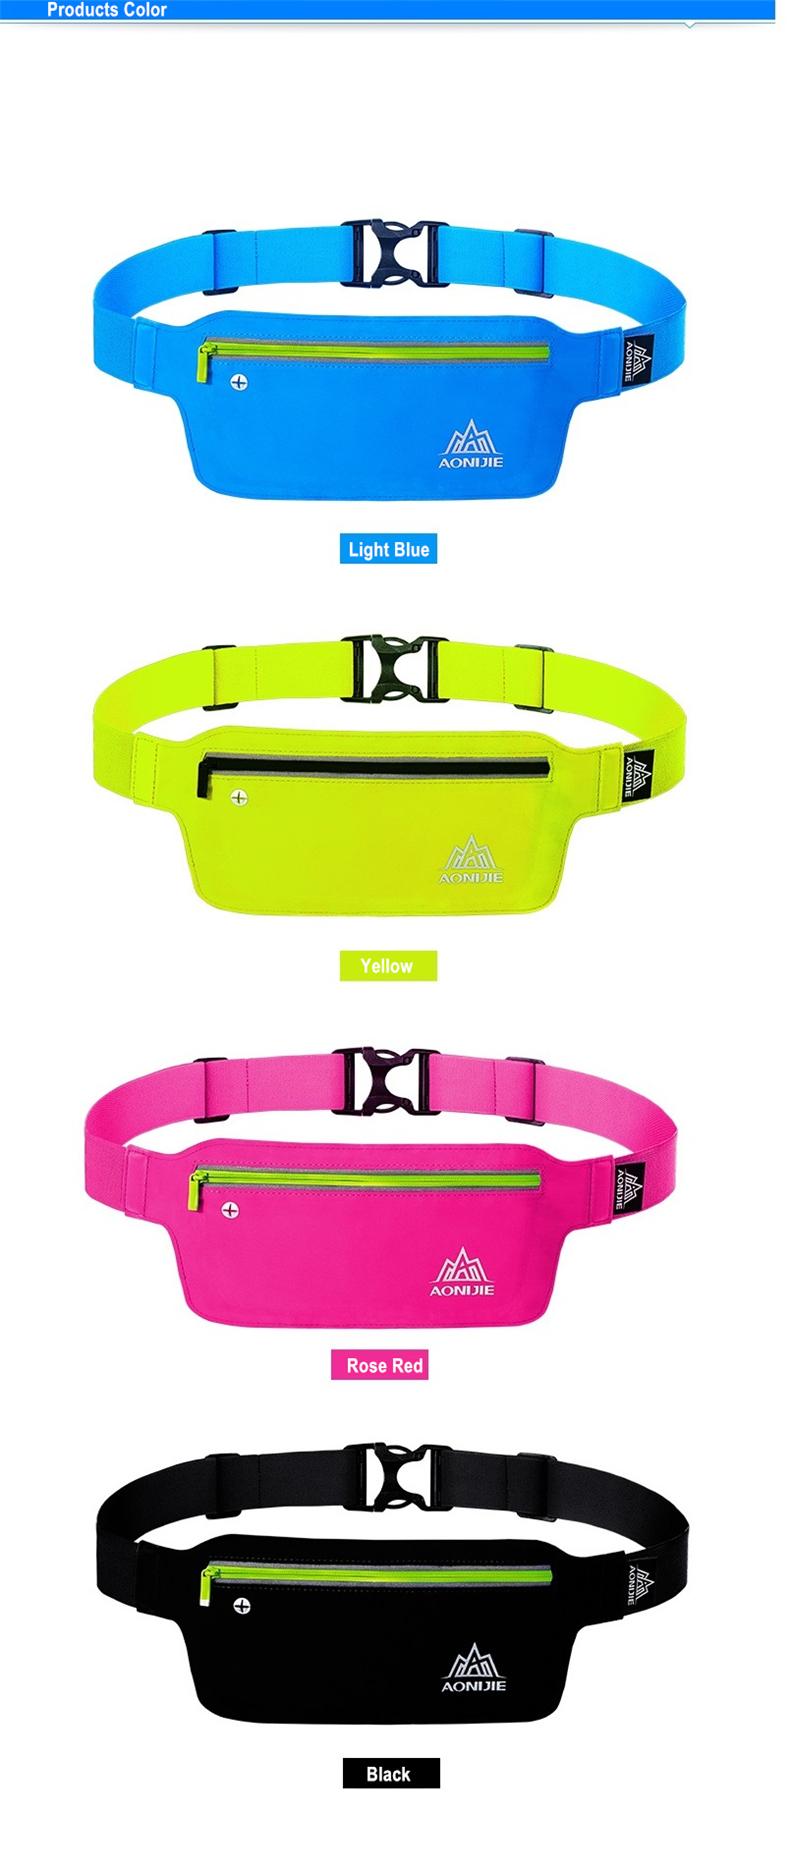 AONIJIE Runnning Waist Bag Men Women Sport Waist Pack Jogging Gym Fitness Running Belt Bag Phone Holder Sport Accessories 11